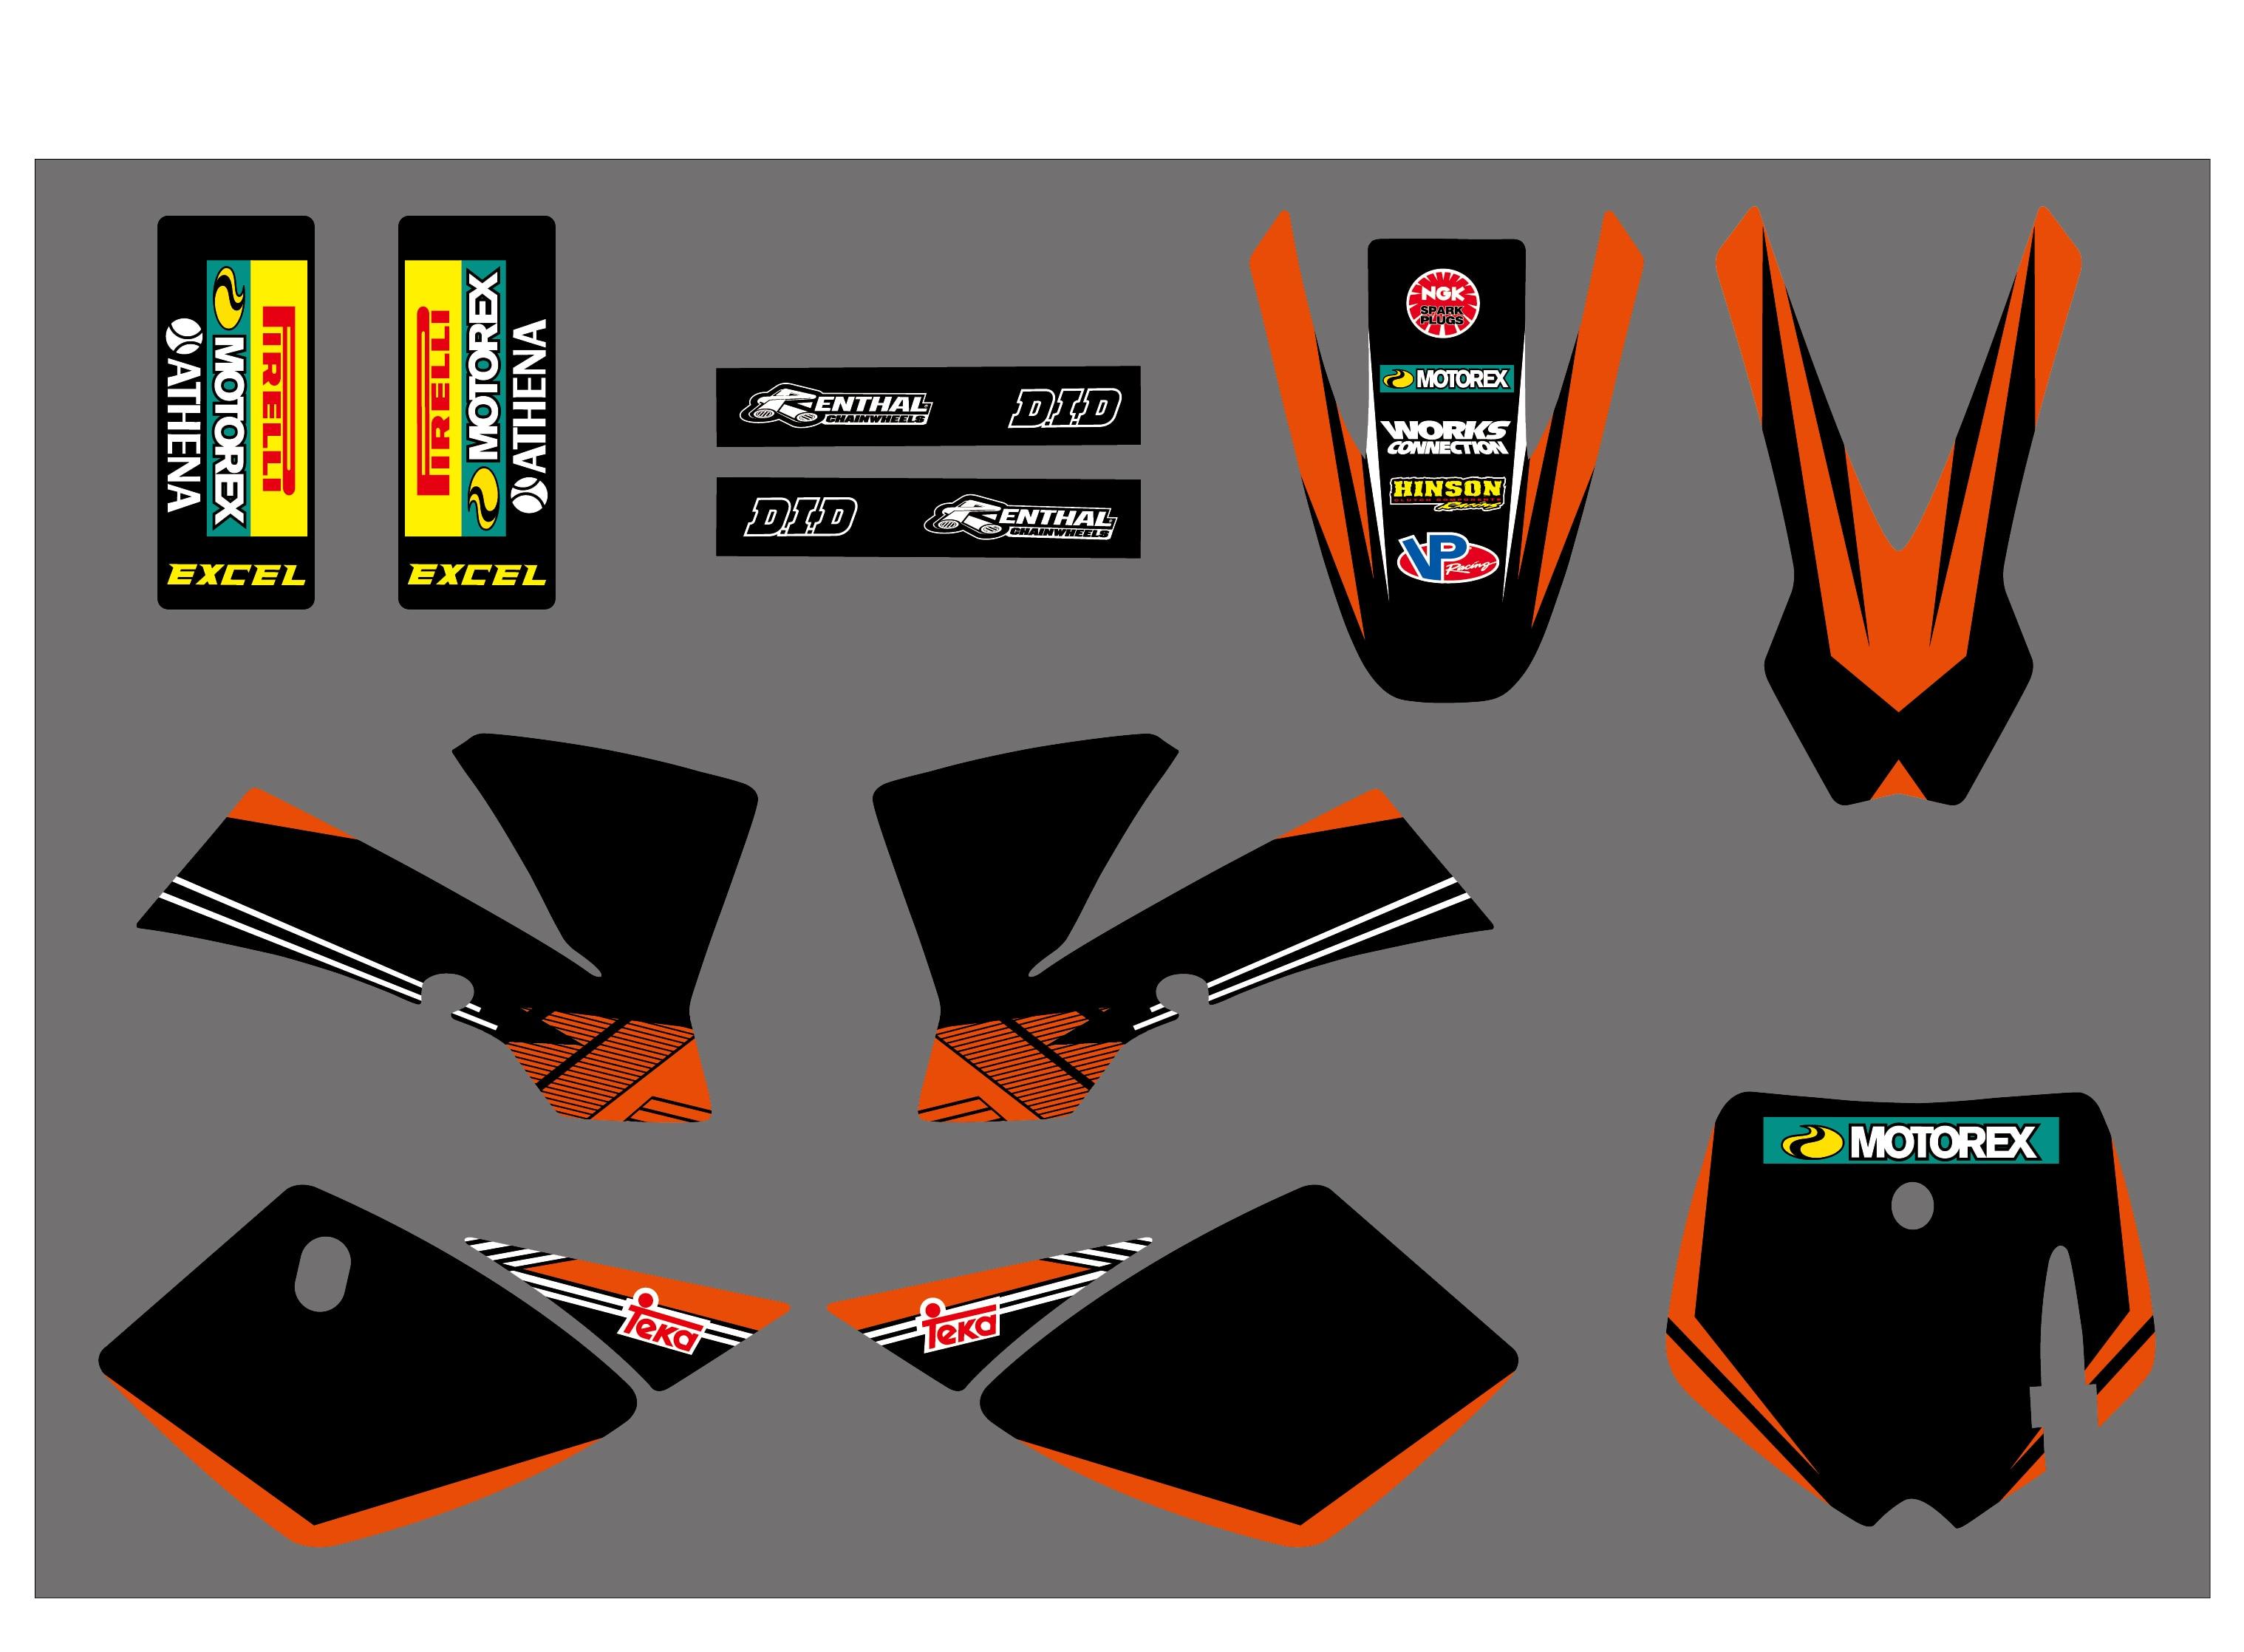 دراجة نارية فريق الرسومات الشارات ملصقات ديكو مجموعة ل KTM 50 SX50 SX 50CC مغامرة صغيرة MTK50 2002 2003 2004 2005 2006 2007 2008